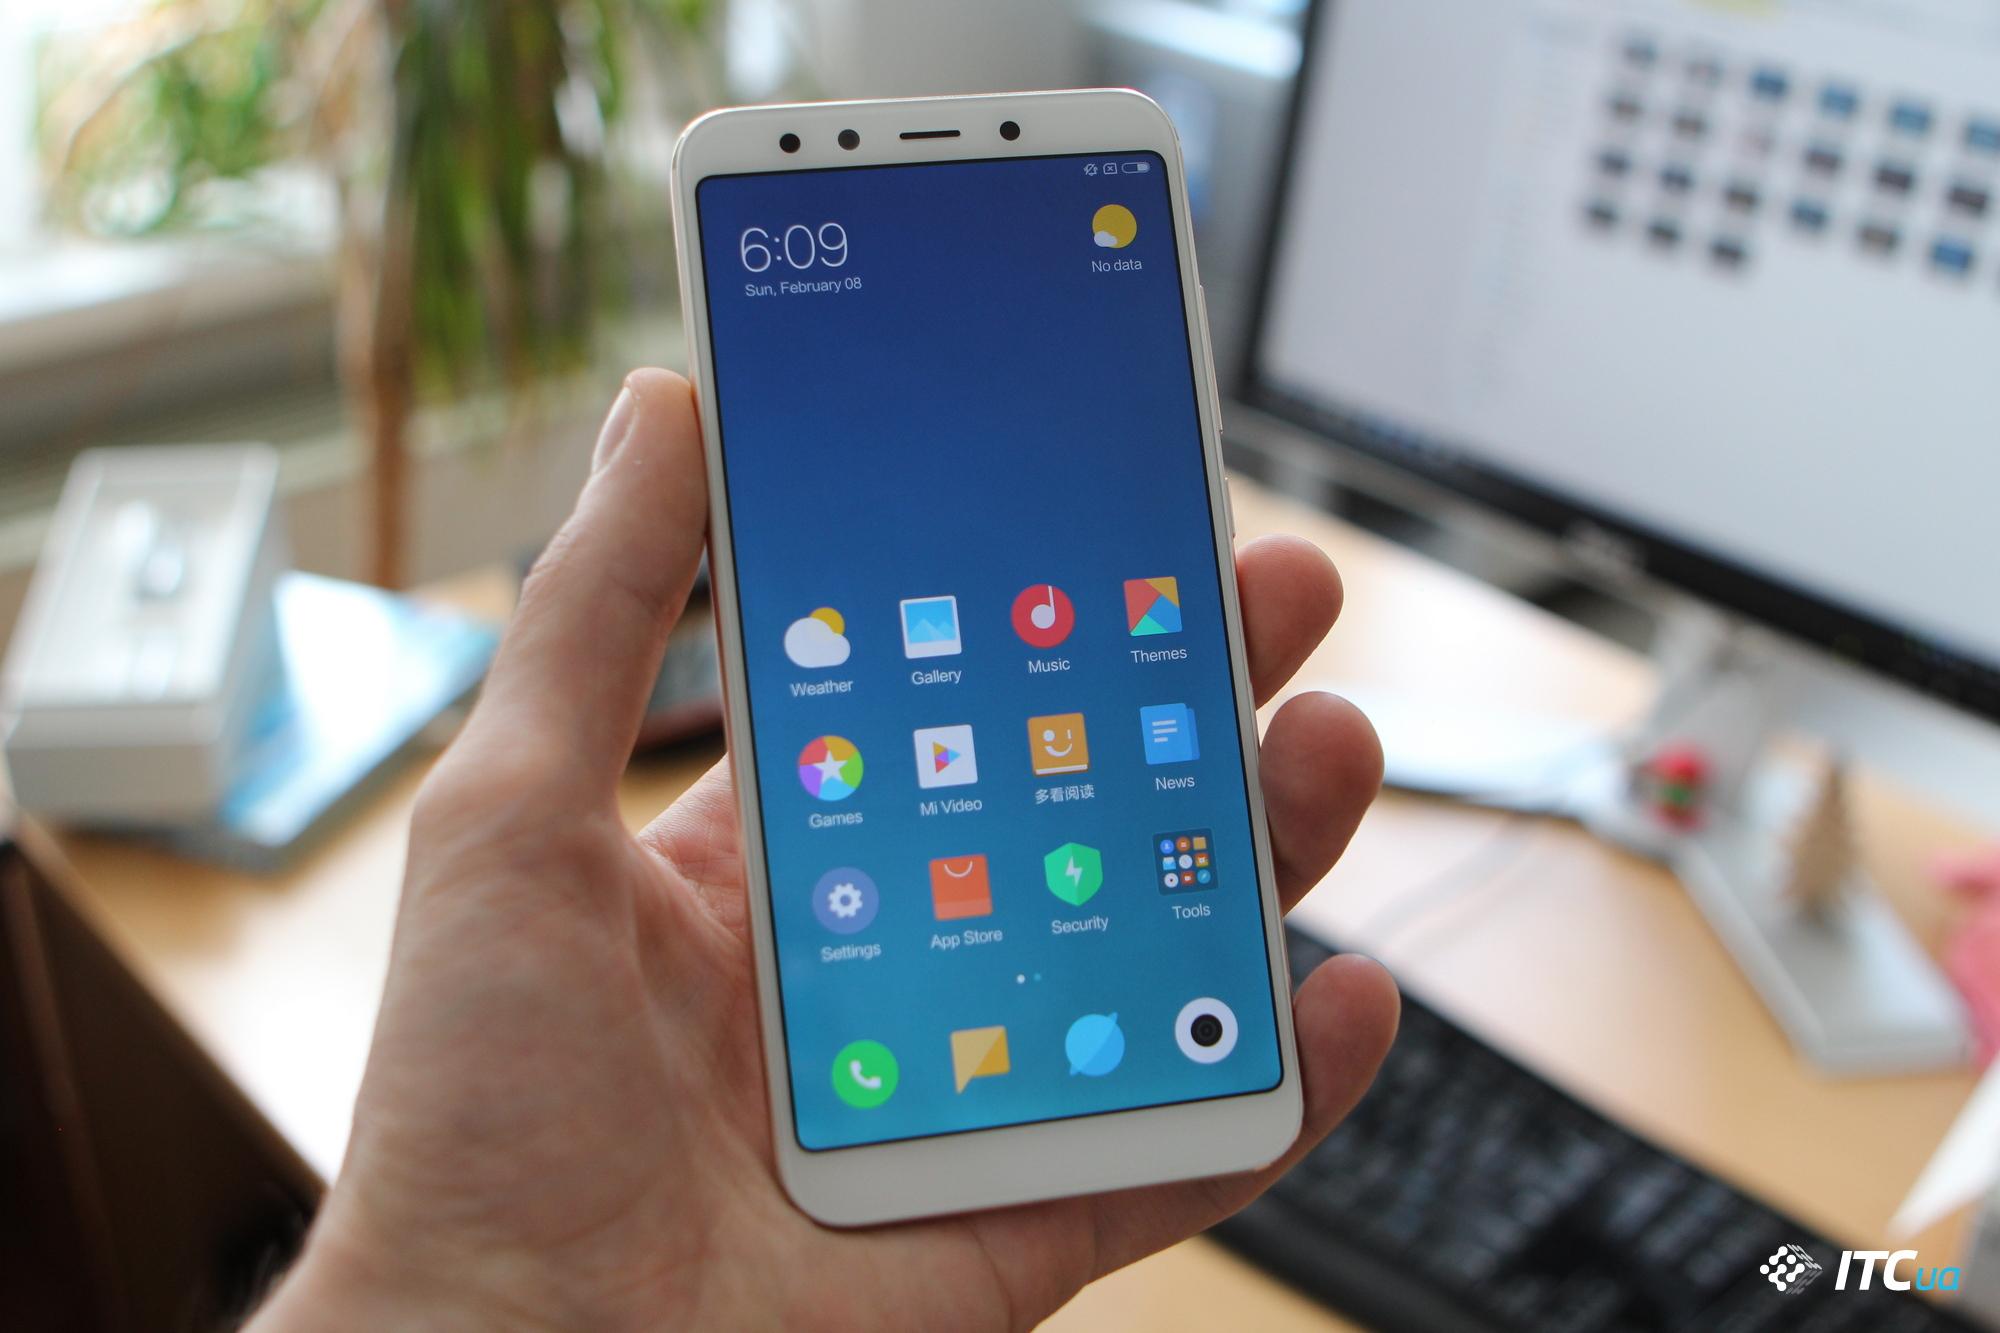 РУ Обзор: Обзор смартфона Xiaomi Mi6x (ITC.ua, автор: Виталий